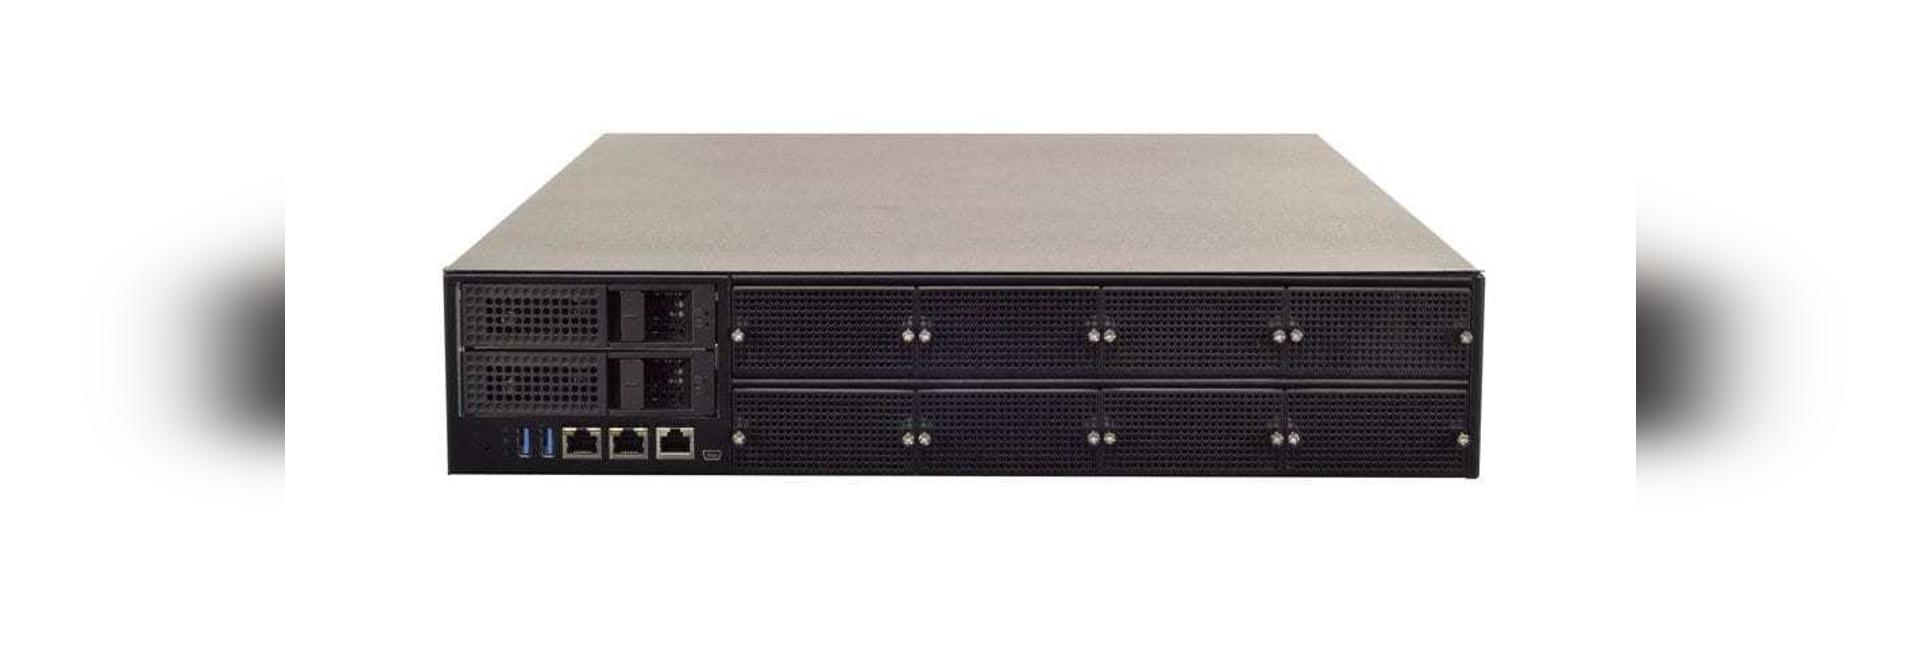 Lanner presenta l'apparecchio di rete NCA-6210 con montaggio a rack